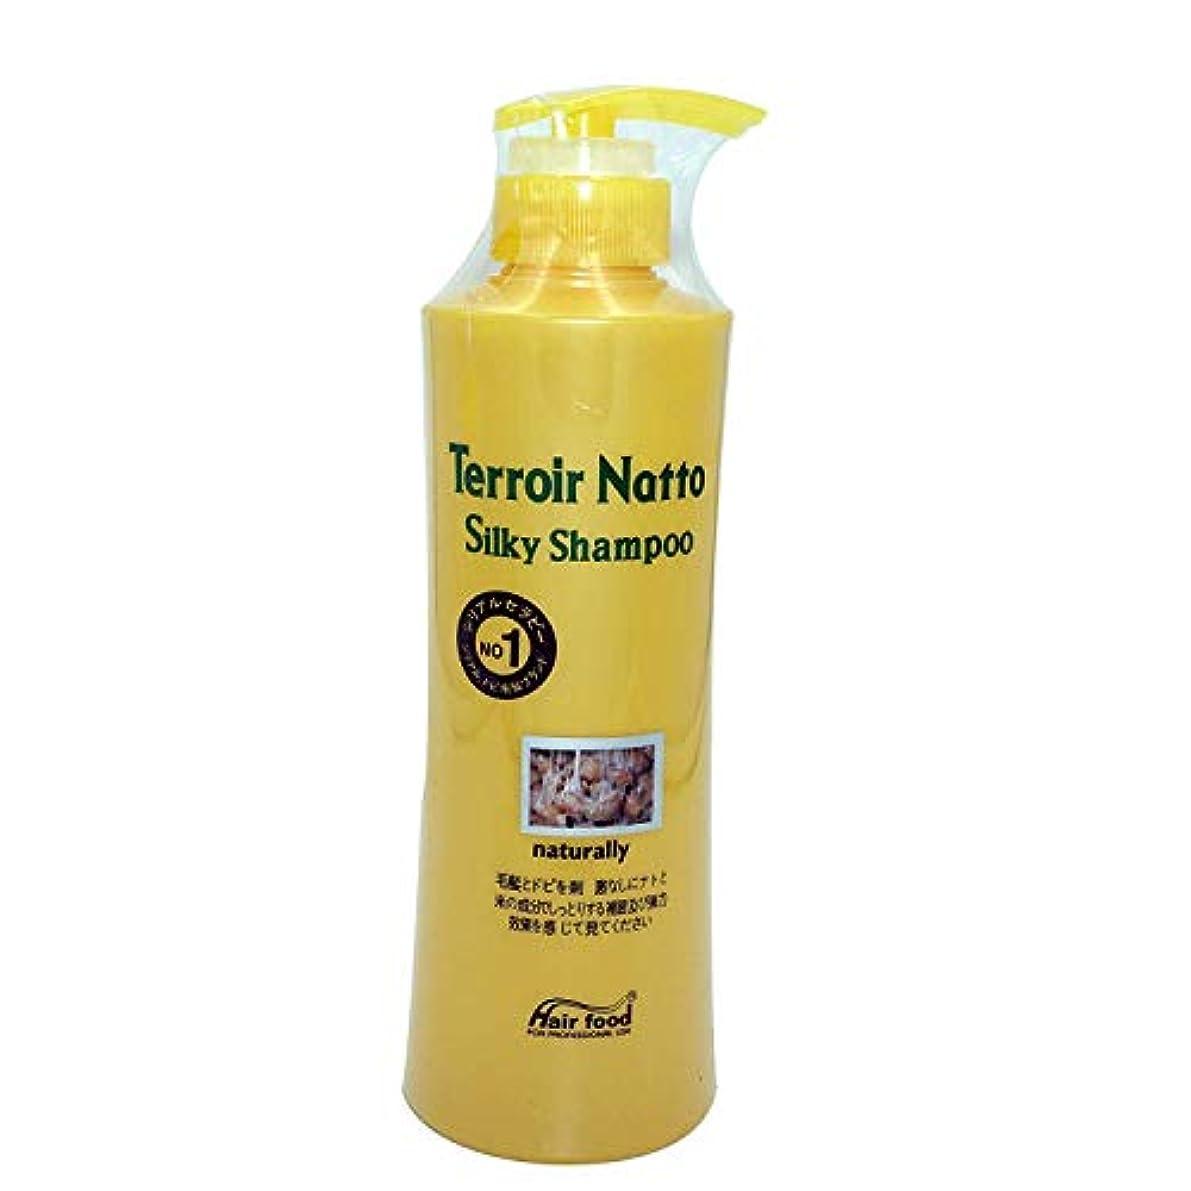 ペフタブレット血Hair food テロワール納豆シルキーシャンプー500ml、乾燥薄毛とセンシティブな頭皮用 - ビタミンタンパクによる弾力ヘア (Terroir Natto Silky Shampoo 500ml for Dry Thin...